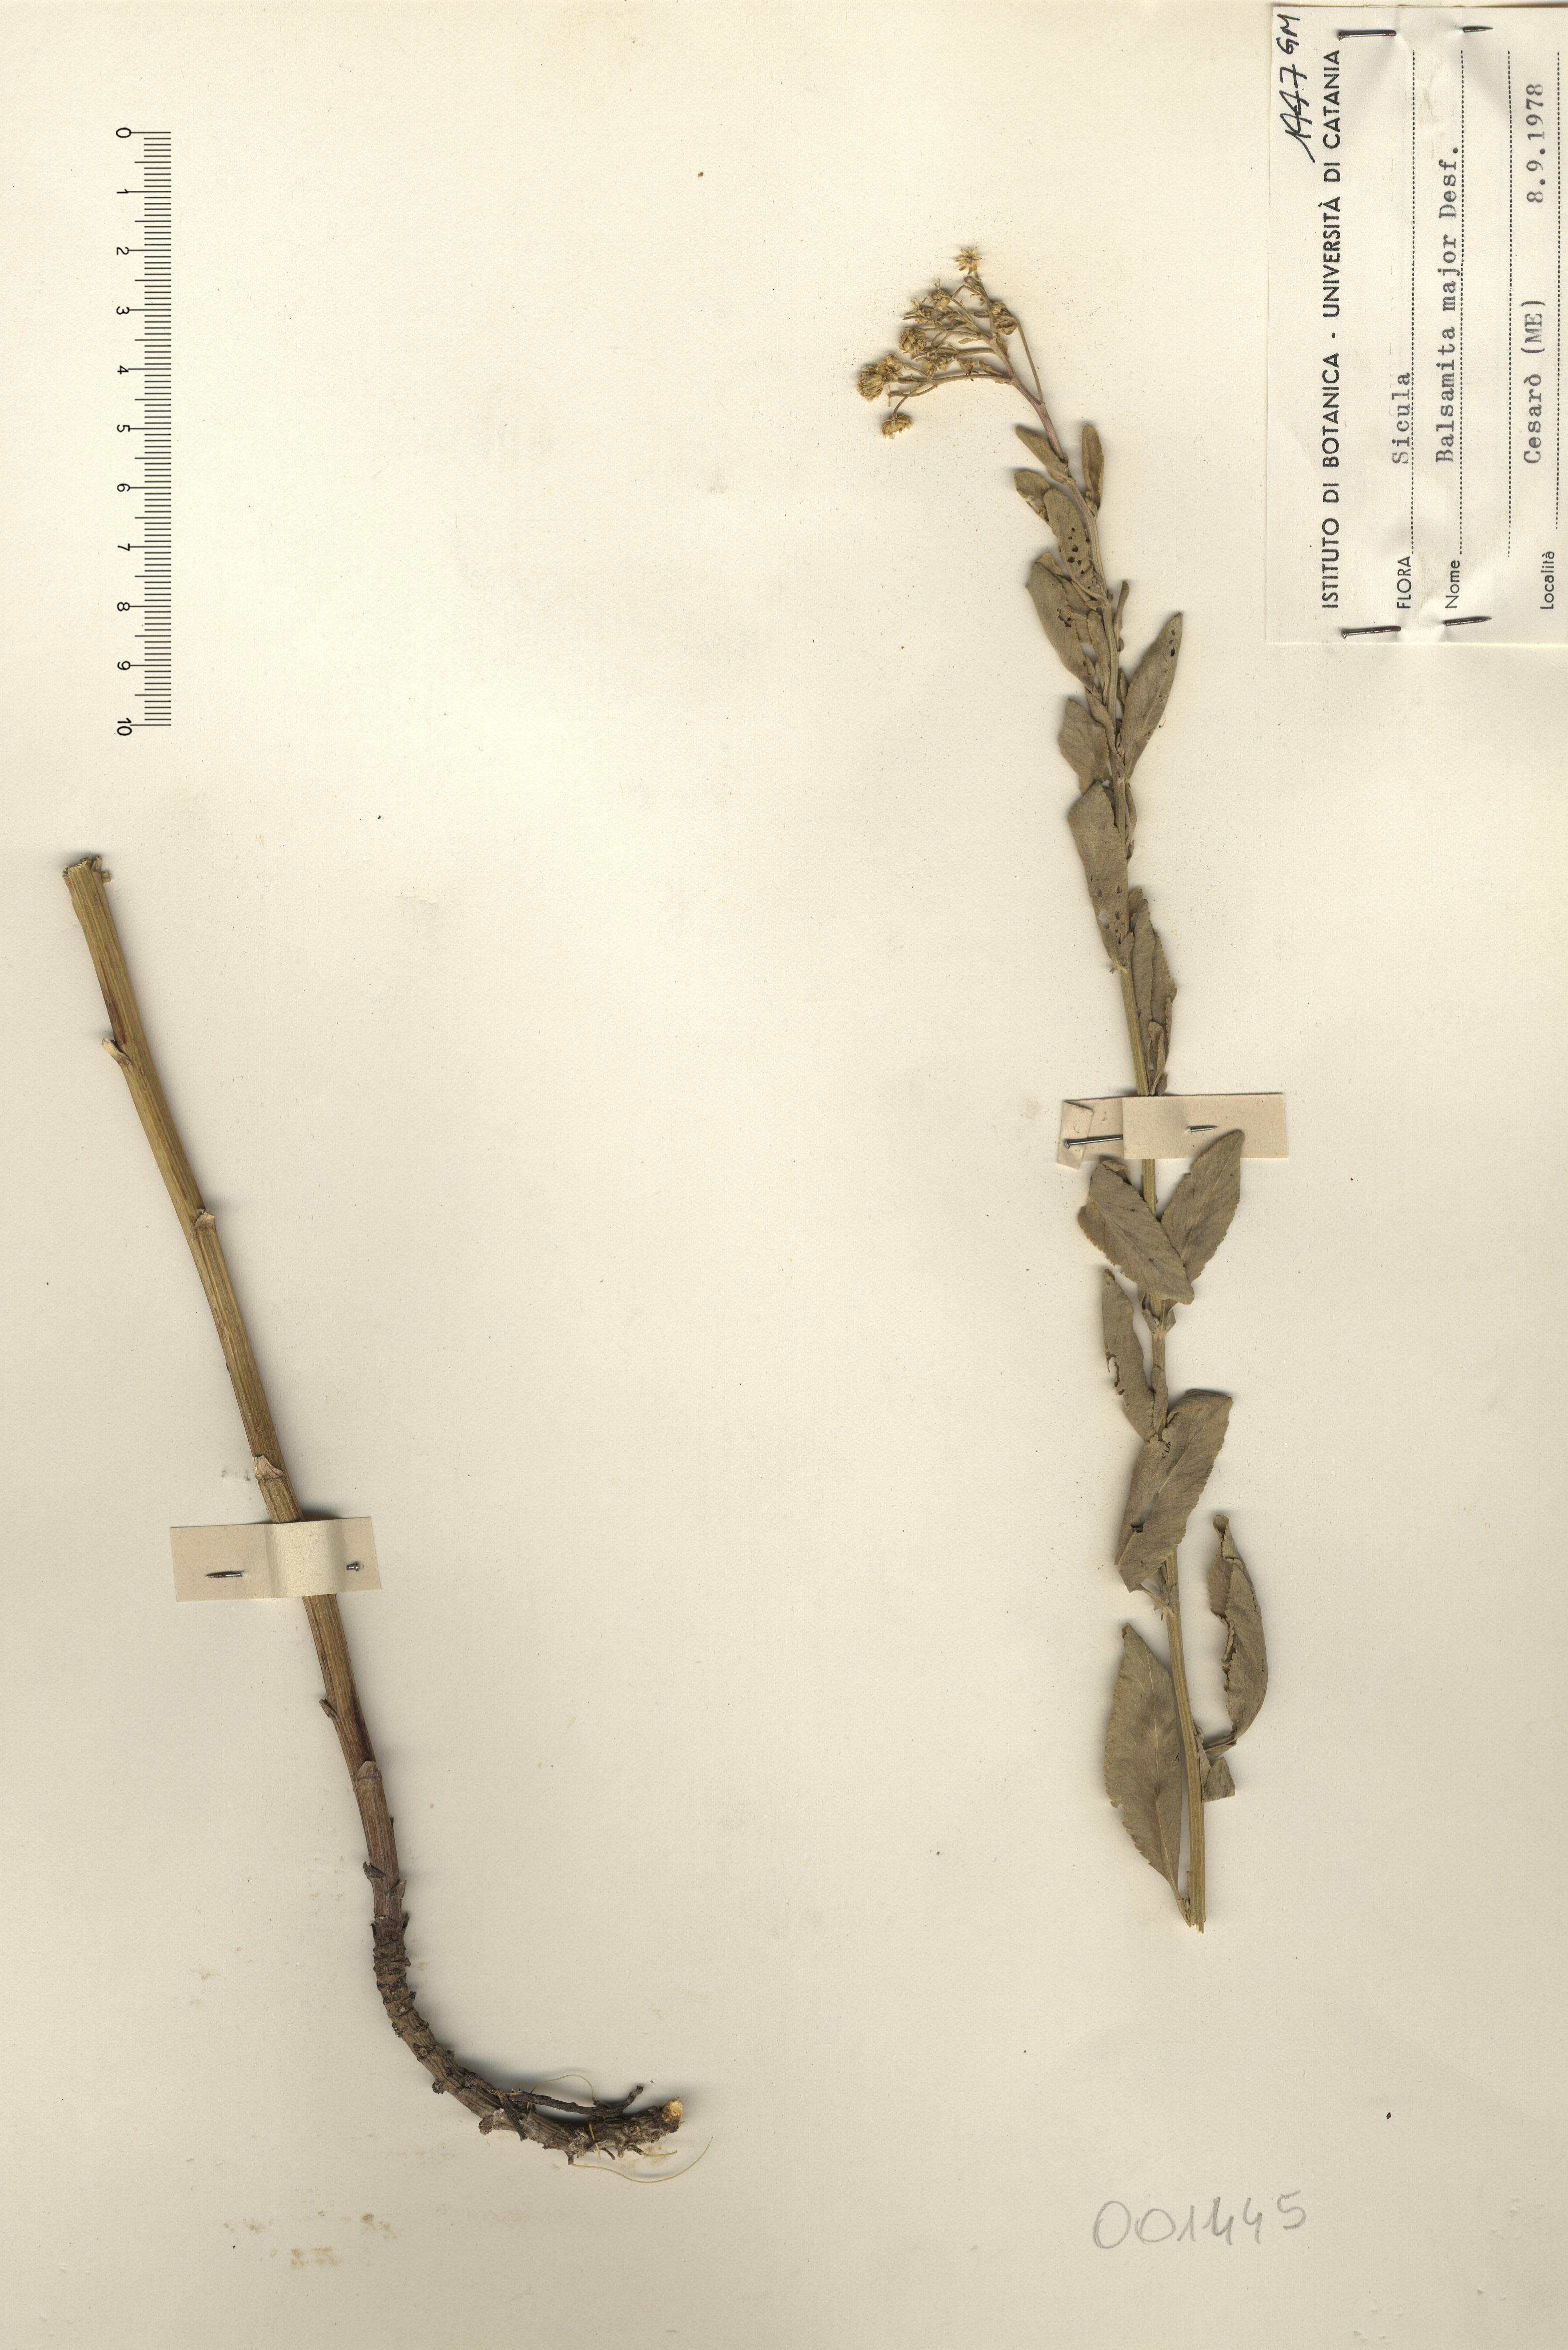 © Hortus Botanicus Catinensis - Herb. sheet 001445<br>